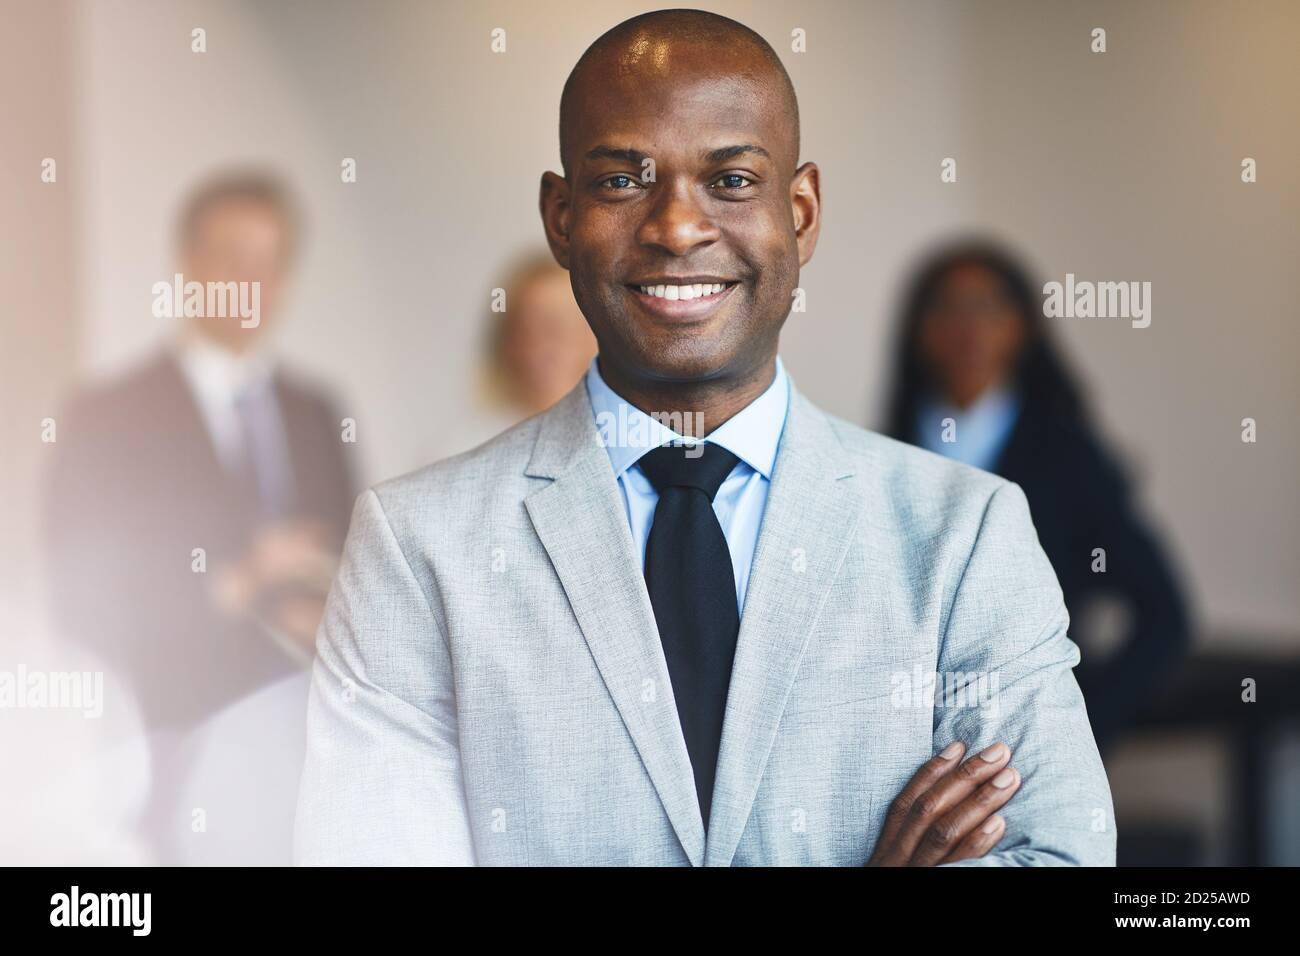 Un jeune homme d'affaires africain souriant debout avec ses bras croisés un bureau avec des collègues debout en arrière-plan Banque D'Images